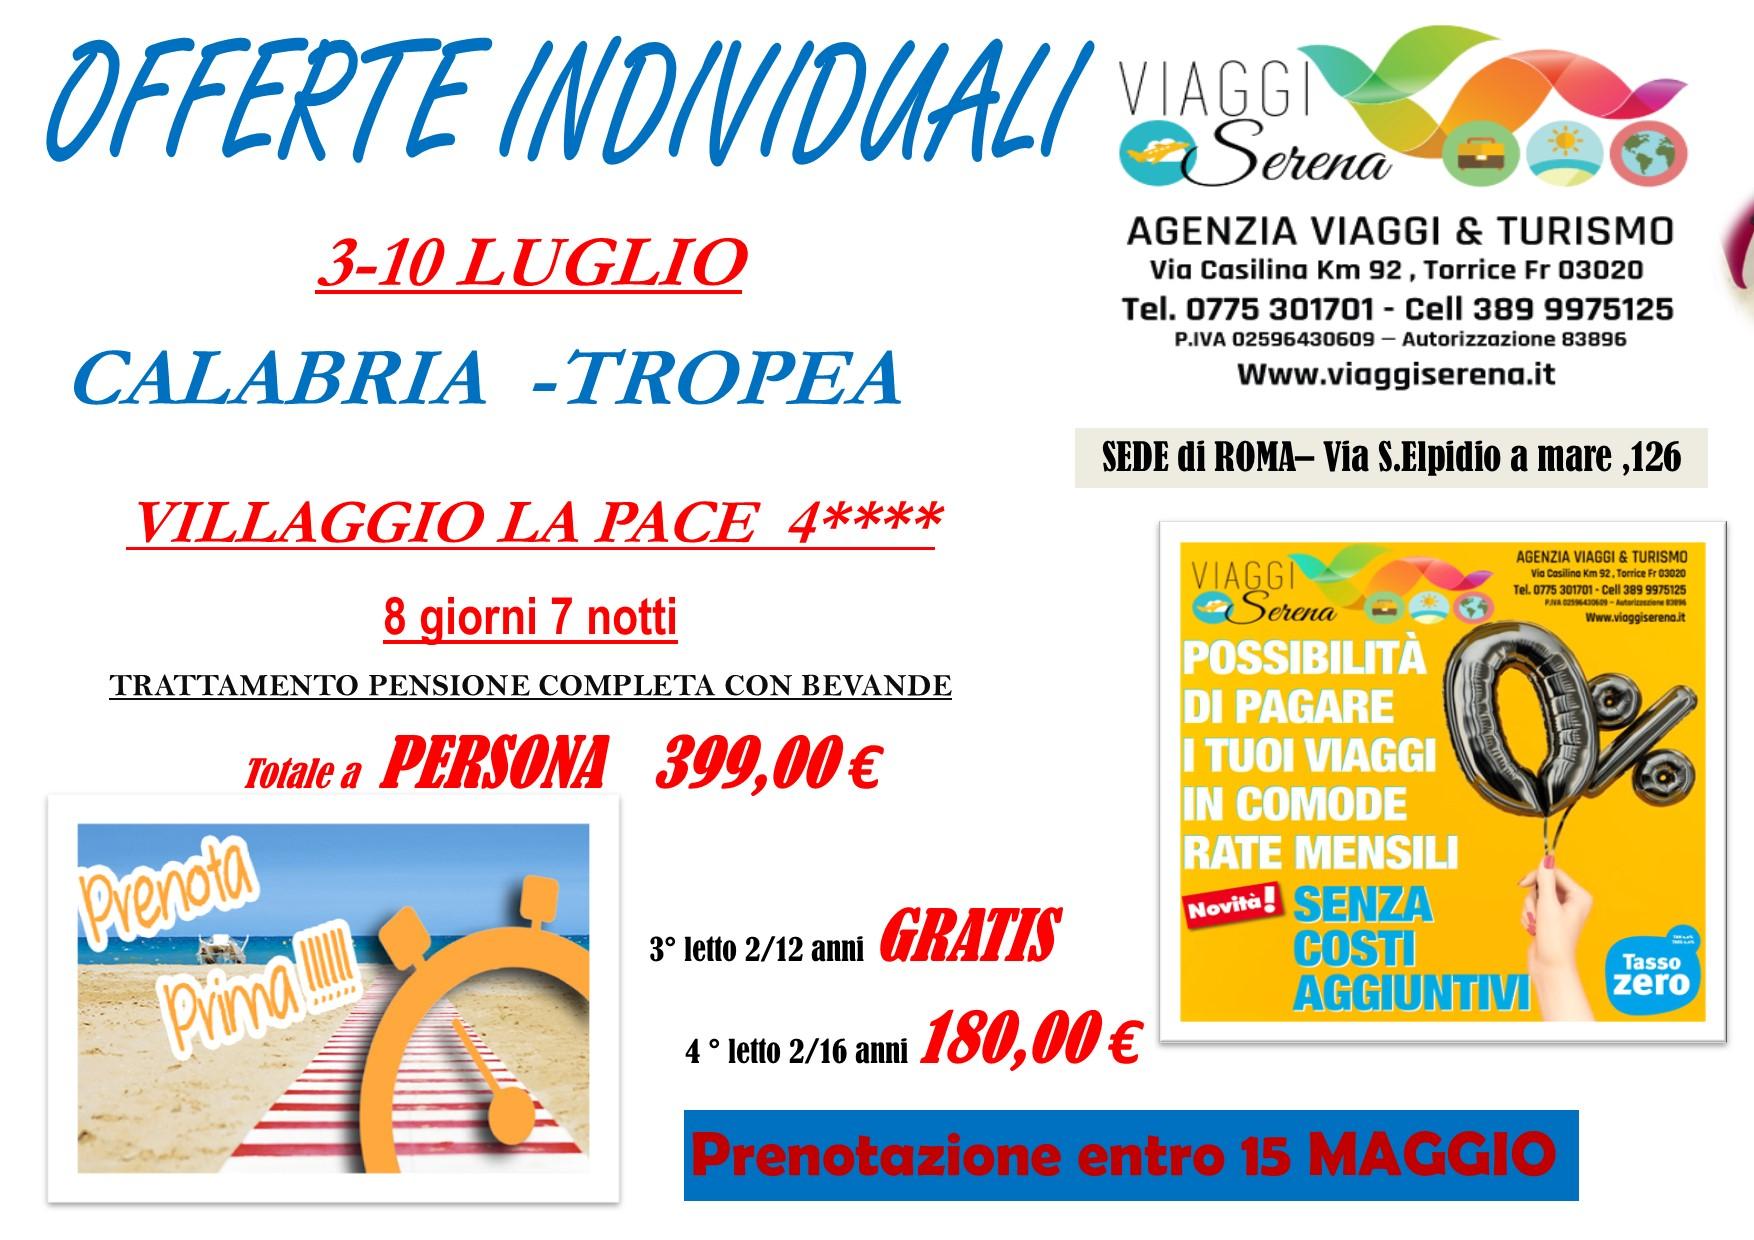 """Offerte Individuali : soggiorno mare con """"prenota prima"""" Calabria-Tropea!!!"""